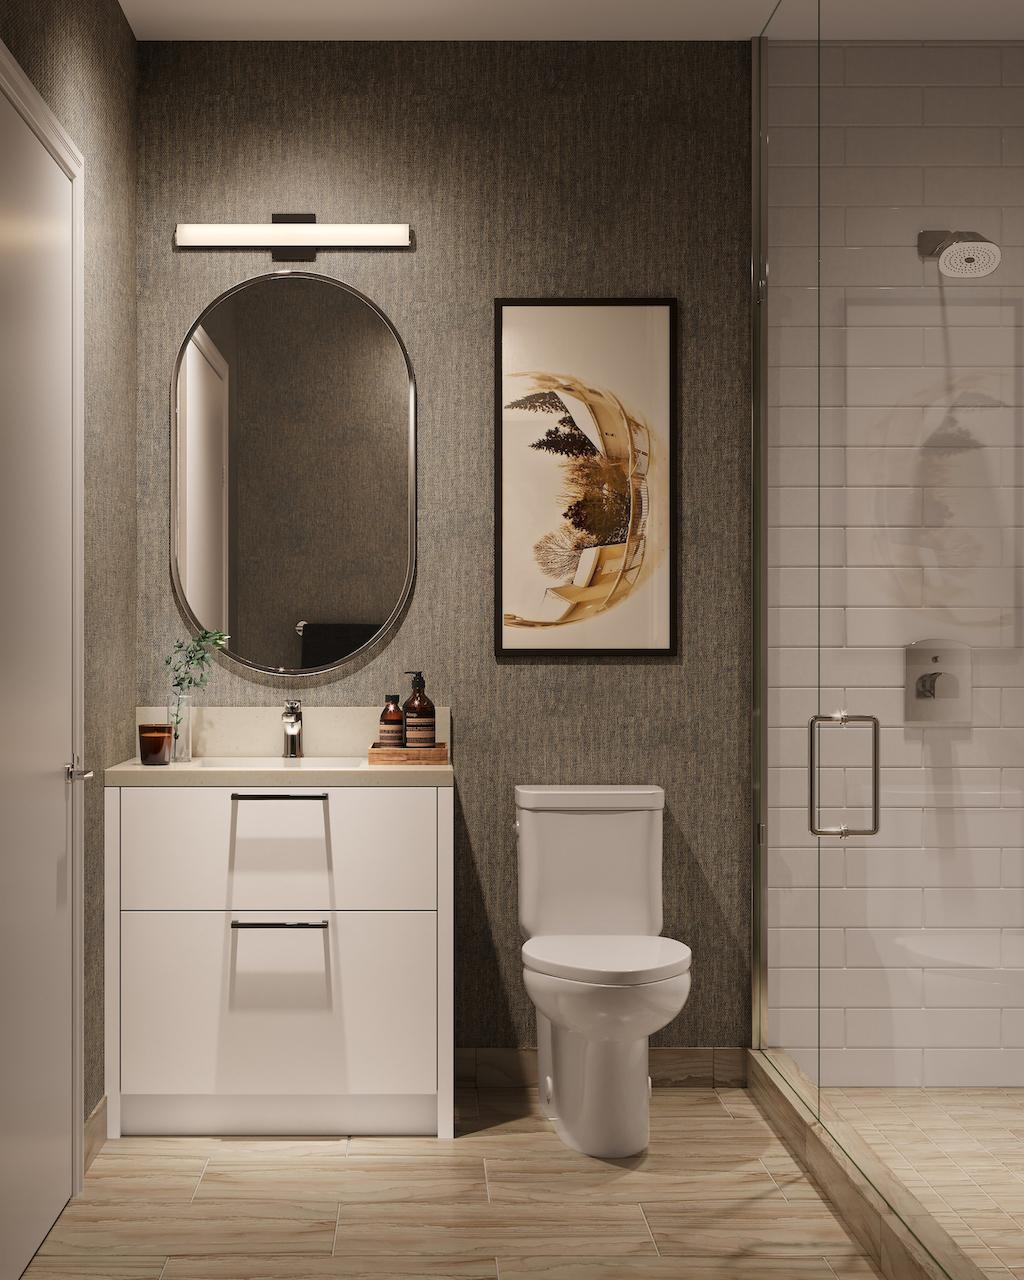 Rendering of The Manderley Condos interior suite bathroom.